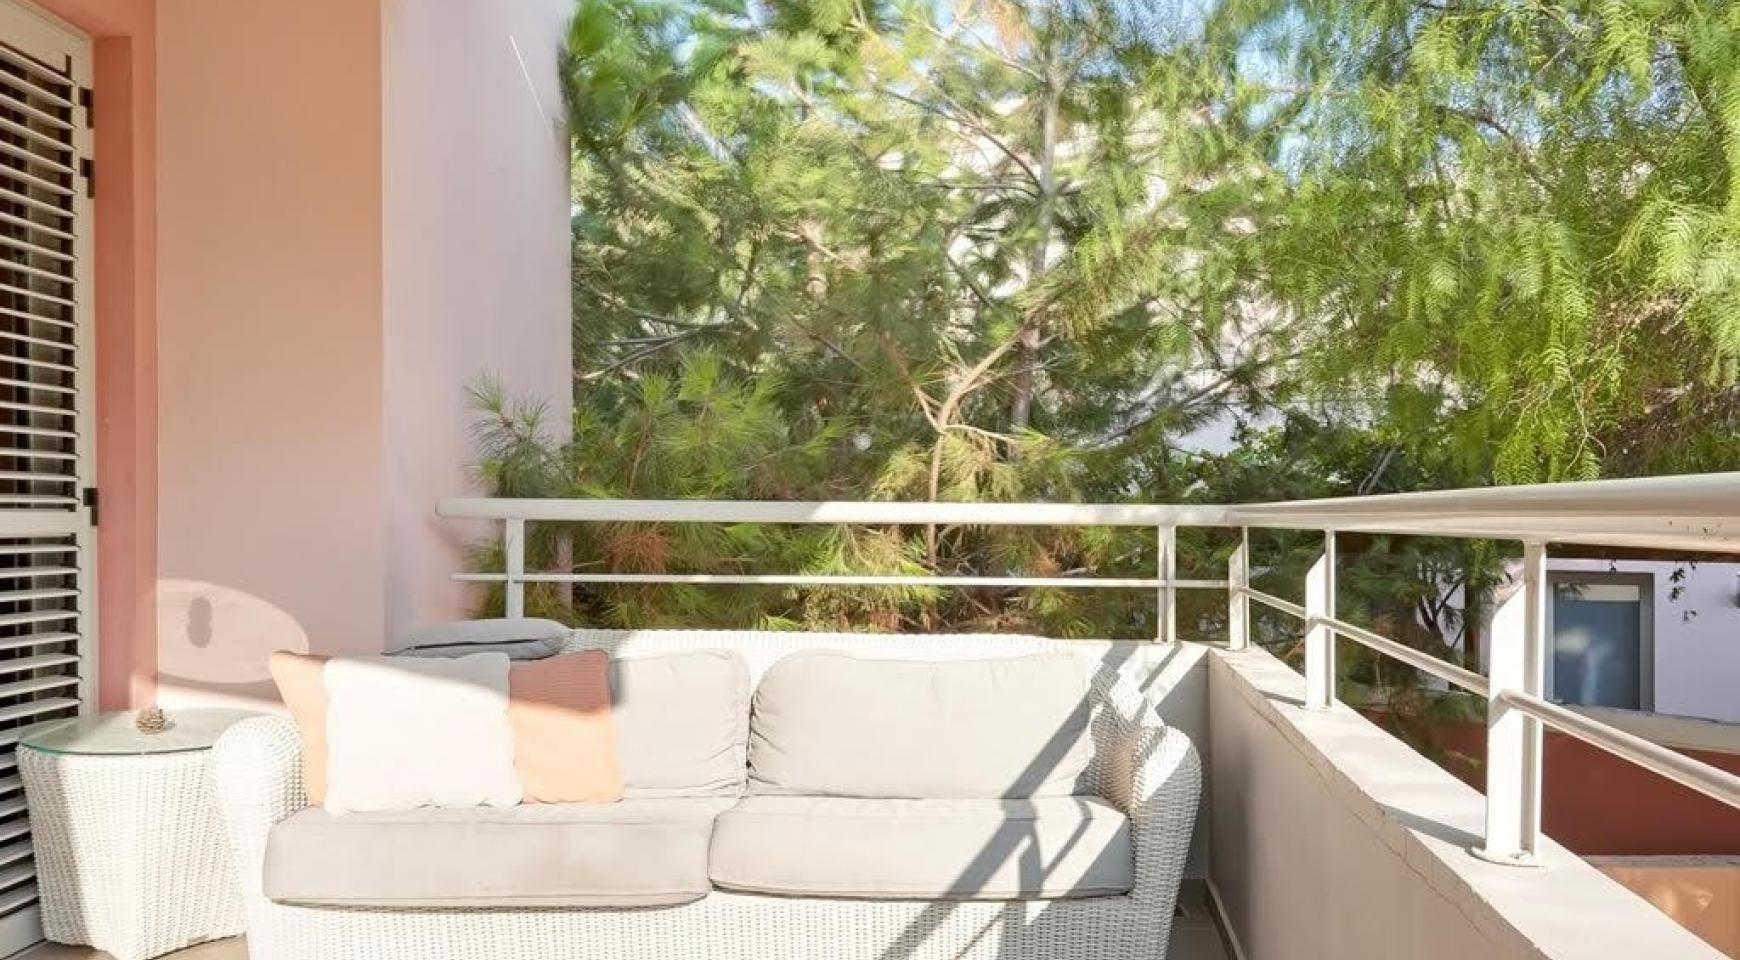 Luxury 2 Bedroom Apartment Amathusa F 104 near the Beach - 12